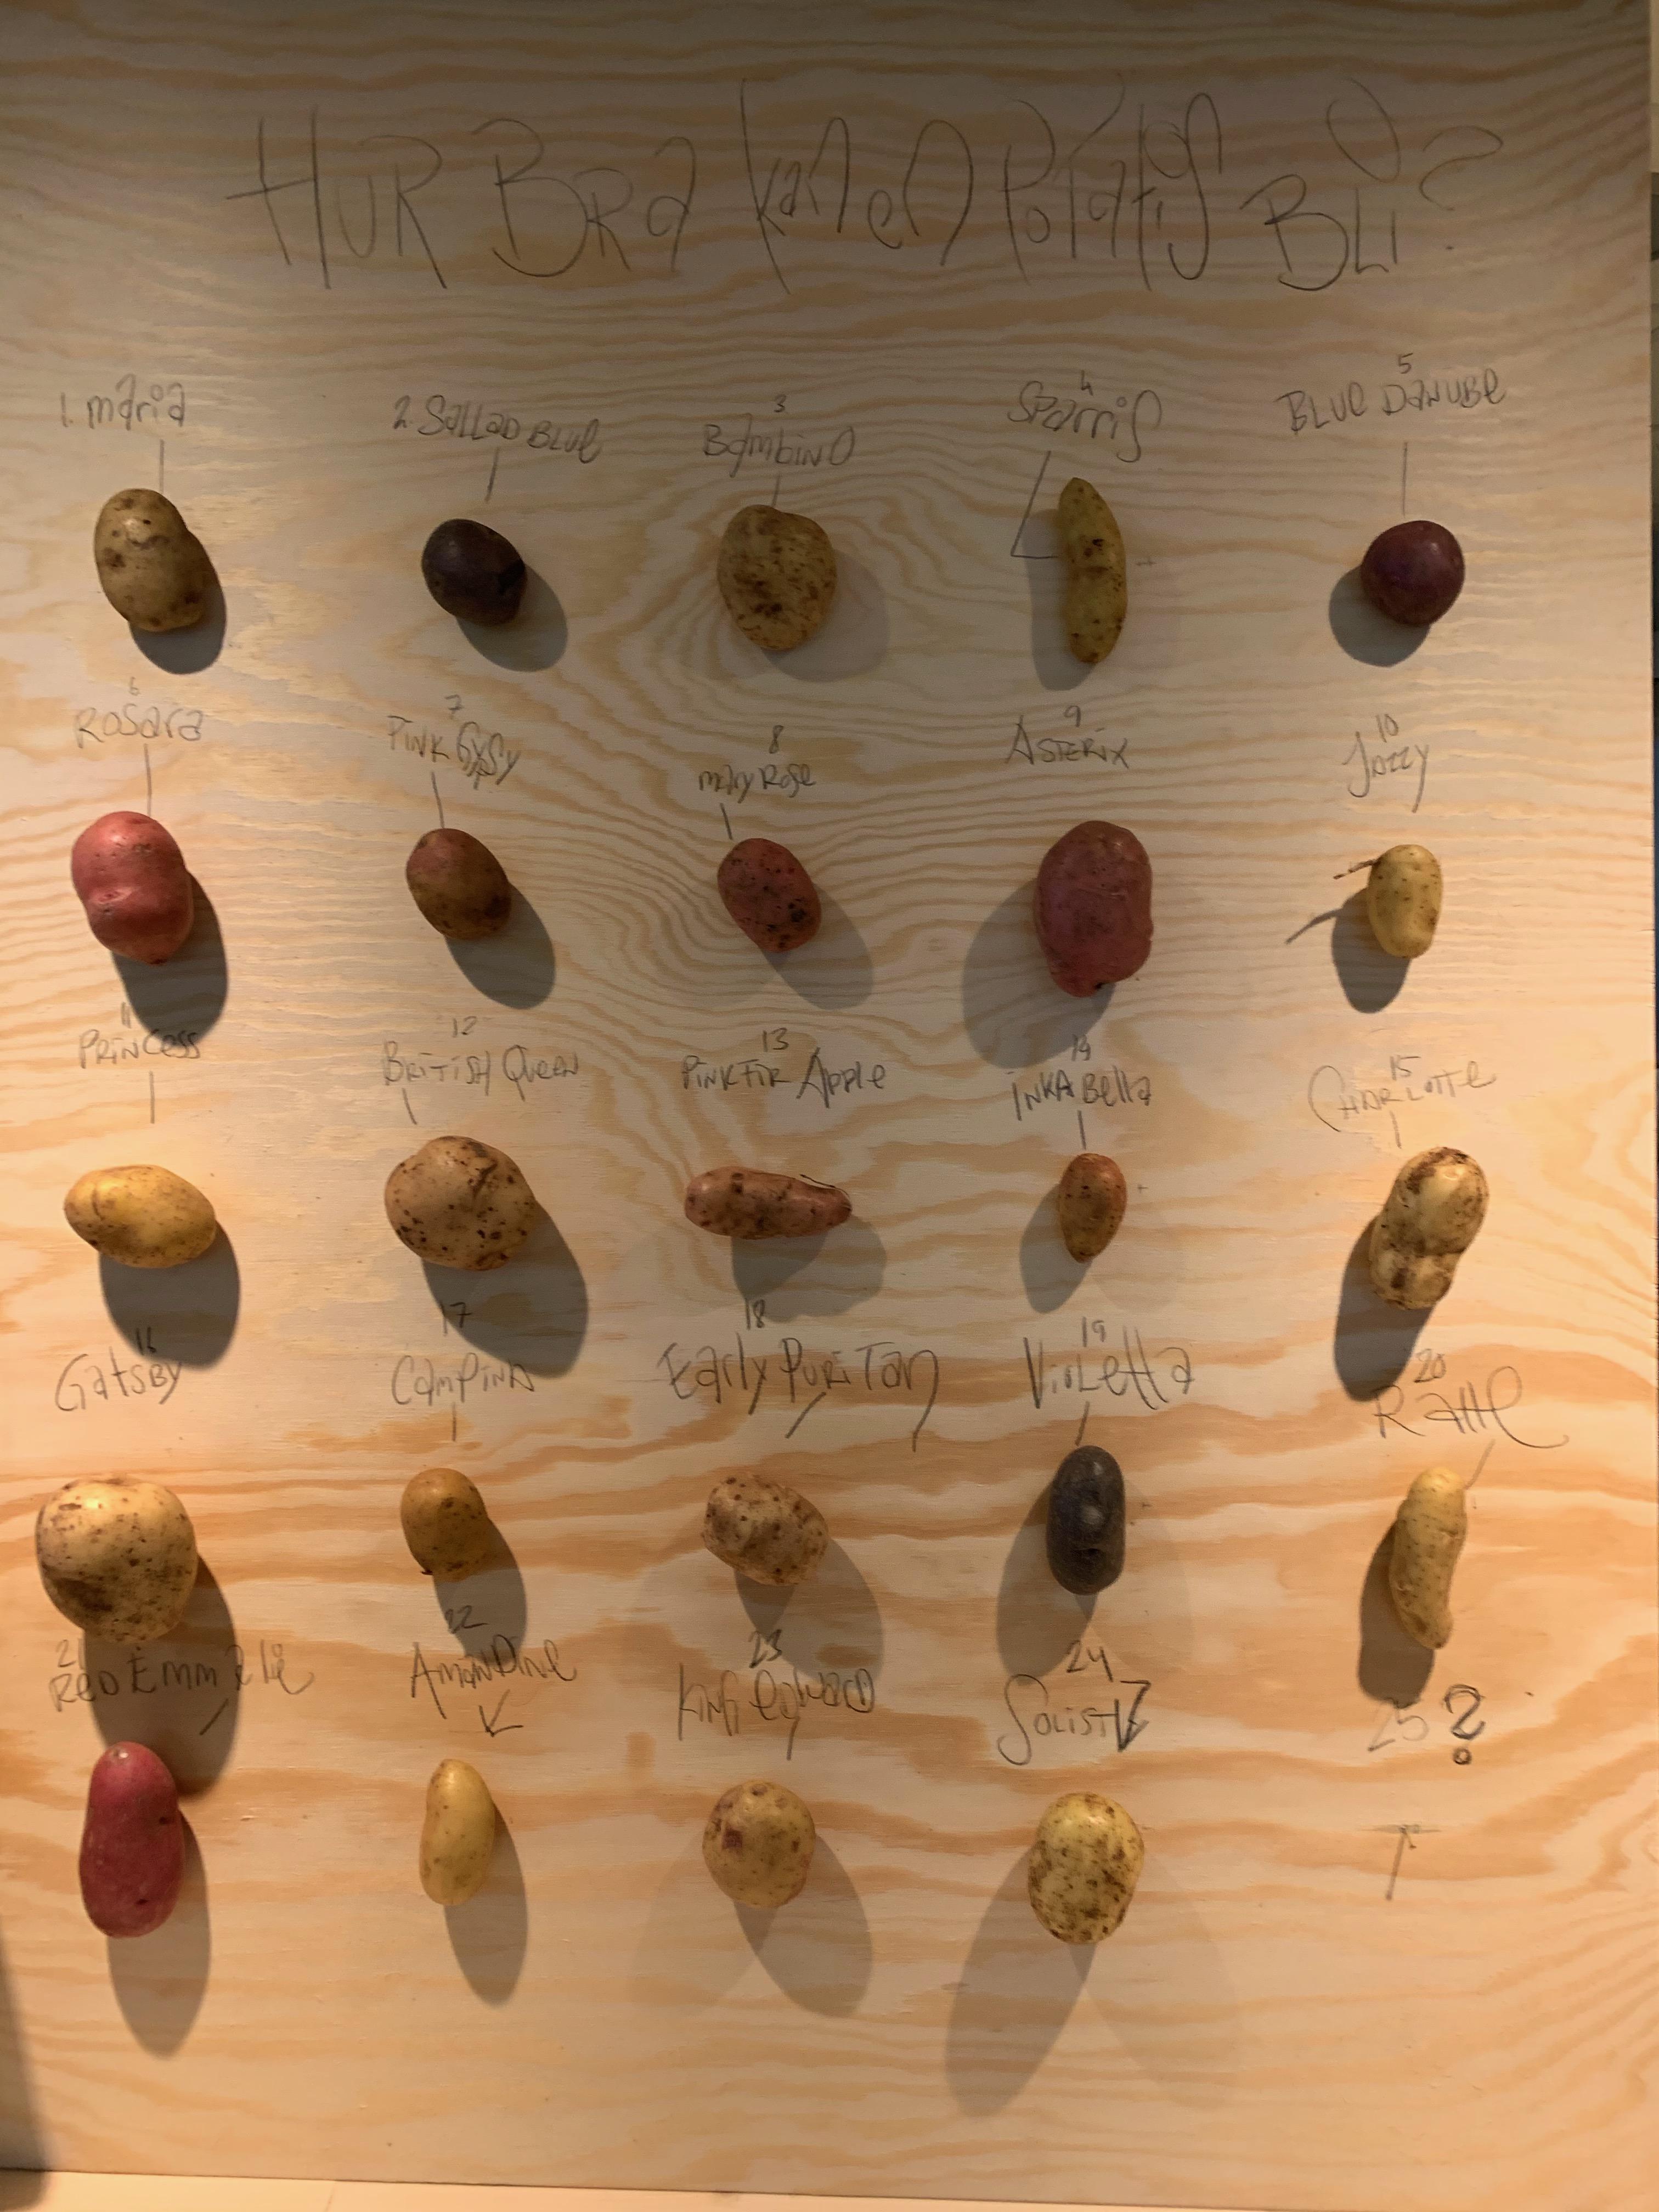 Potatisrapport med provsmakning